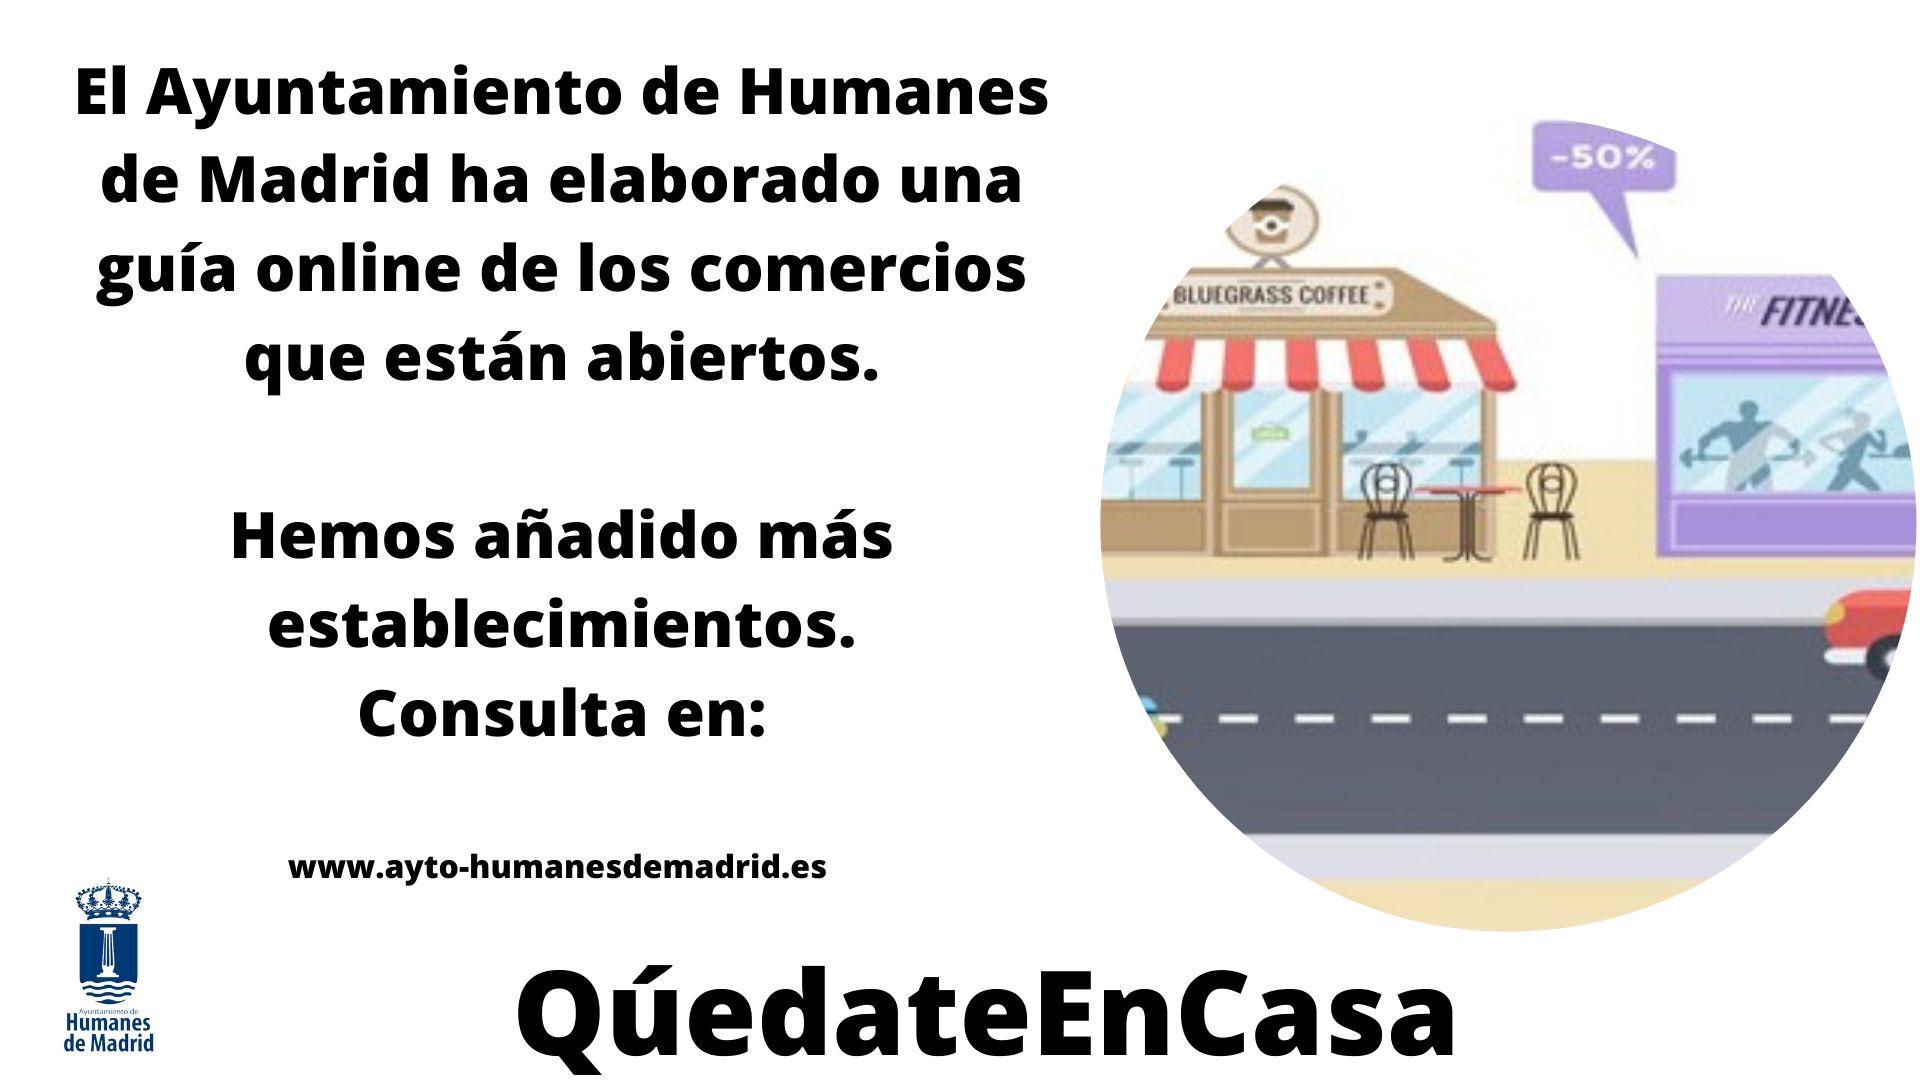 Consulta la guia online de comercios de Humanes de Madrid que abren durante el estado de alarma.